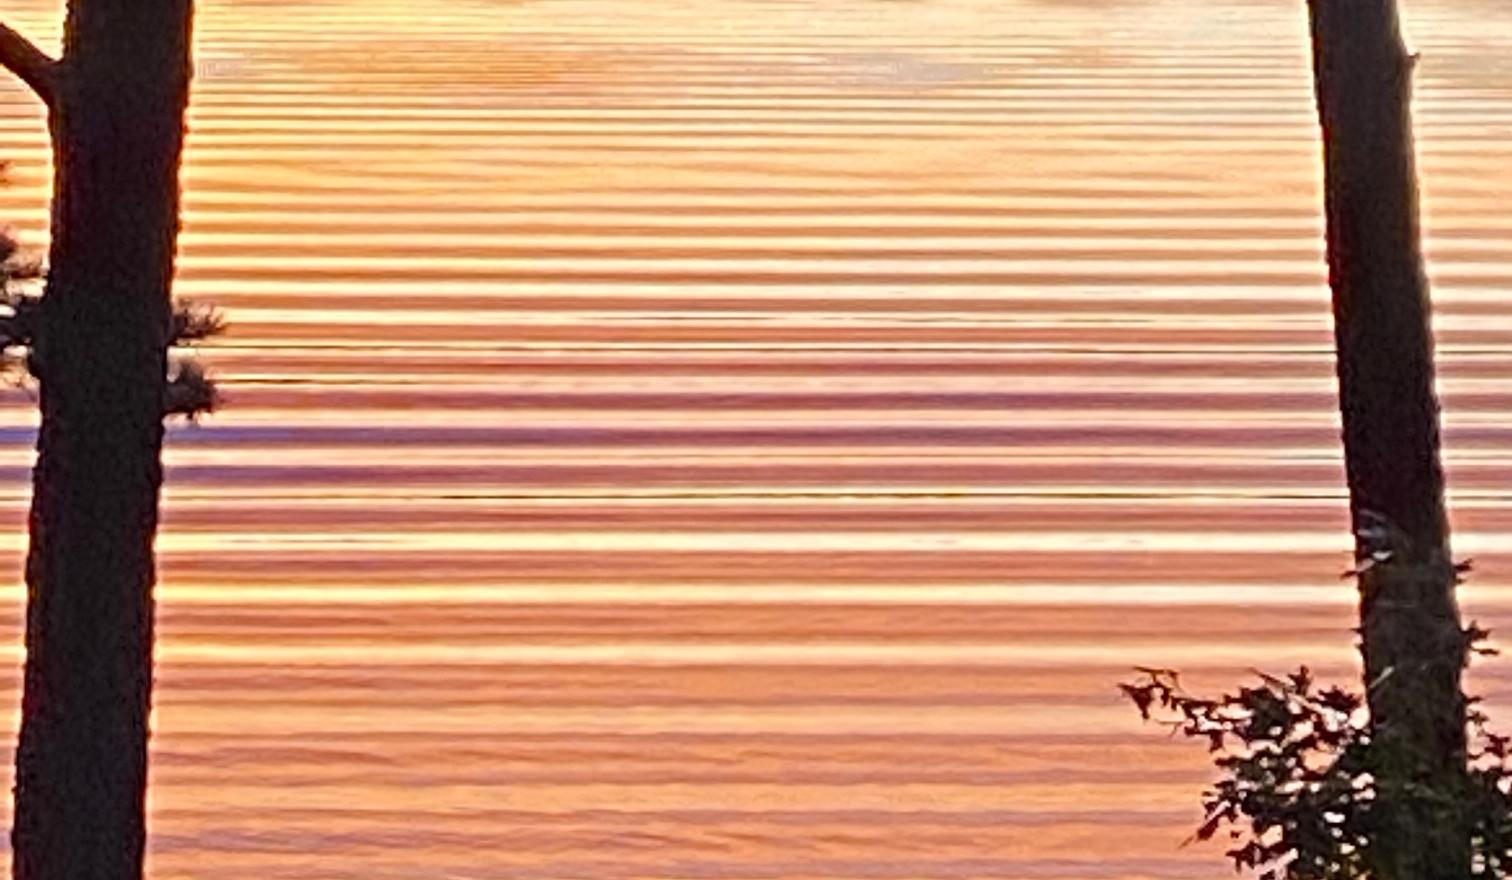 boat wake a sunset